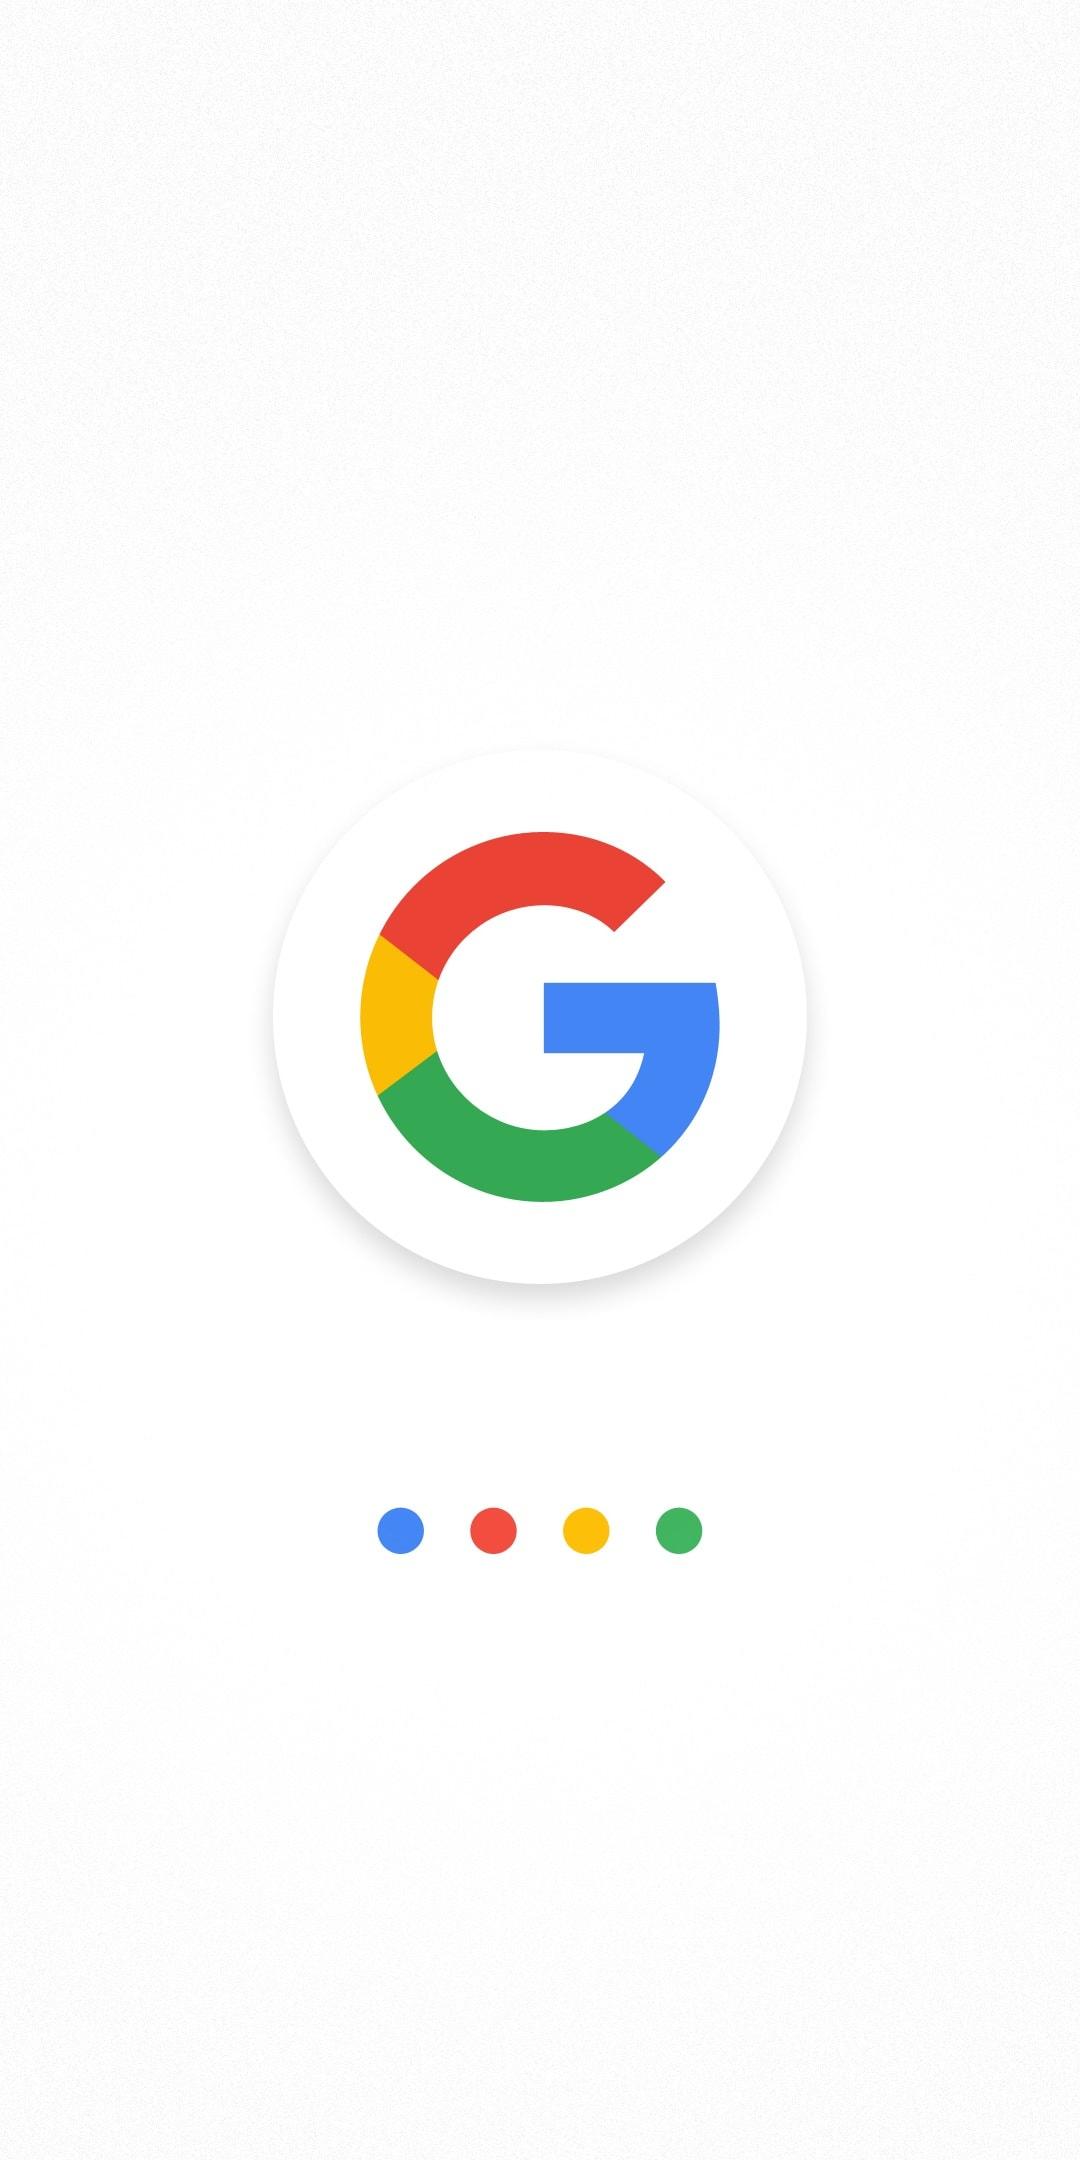 Google For mobile